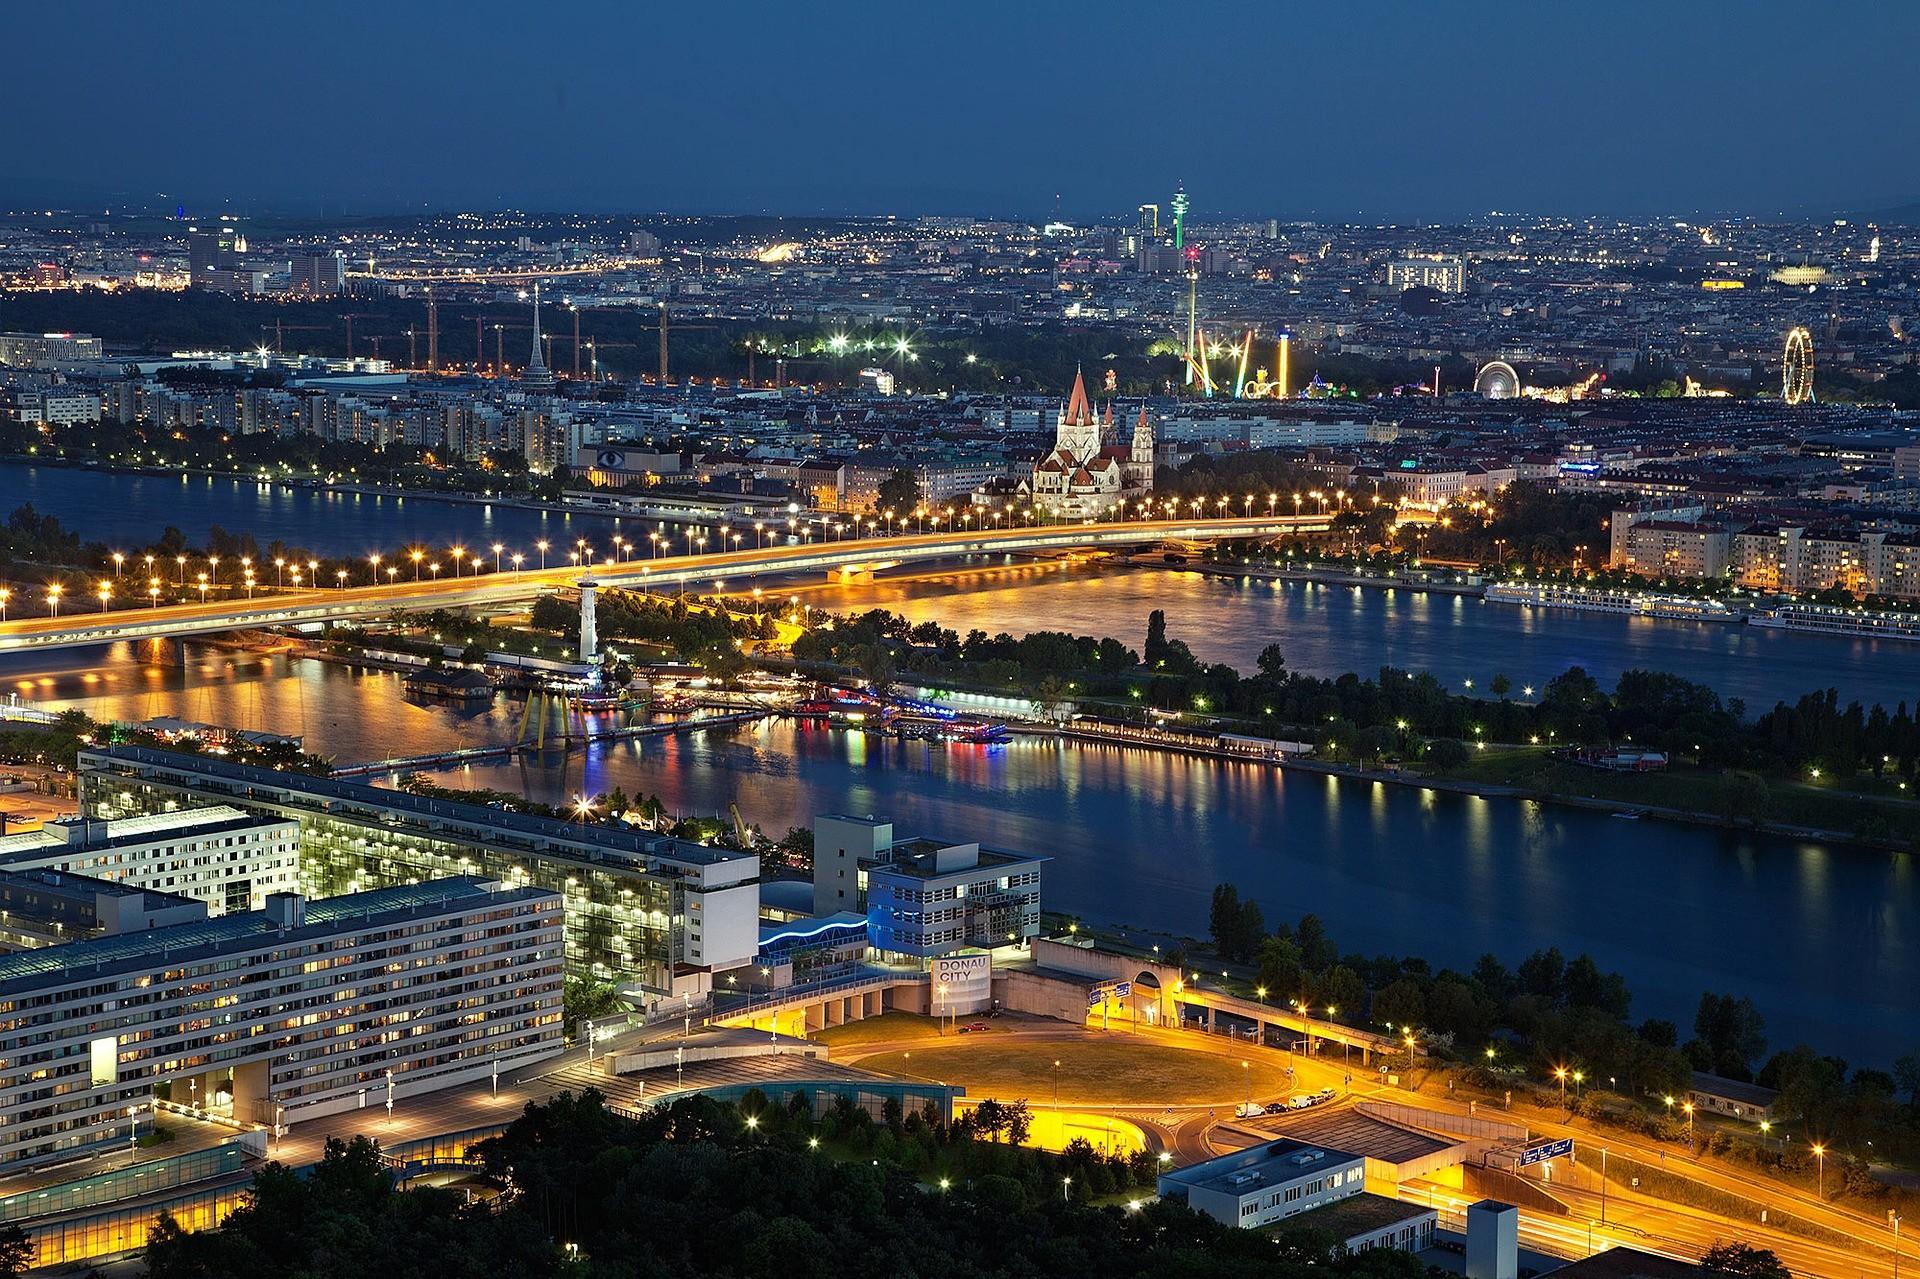 Vienna di notte - Foto di Julius Silver